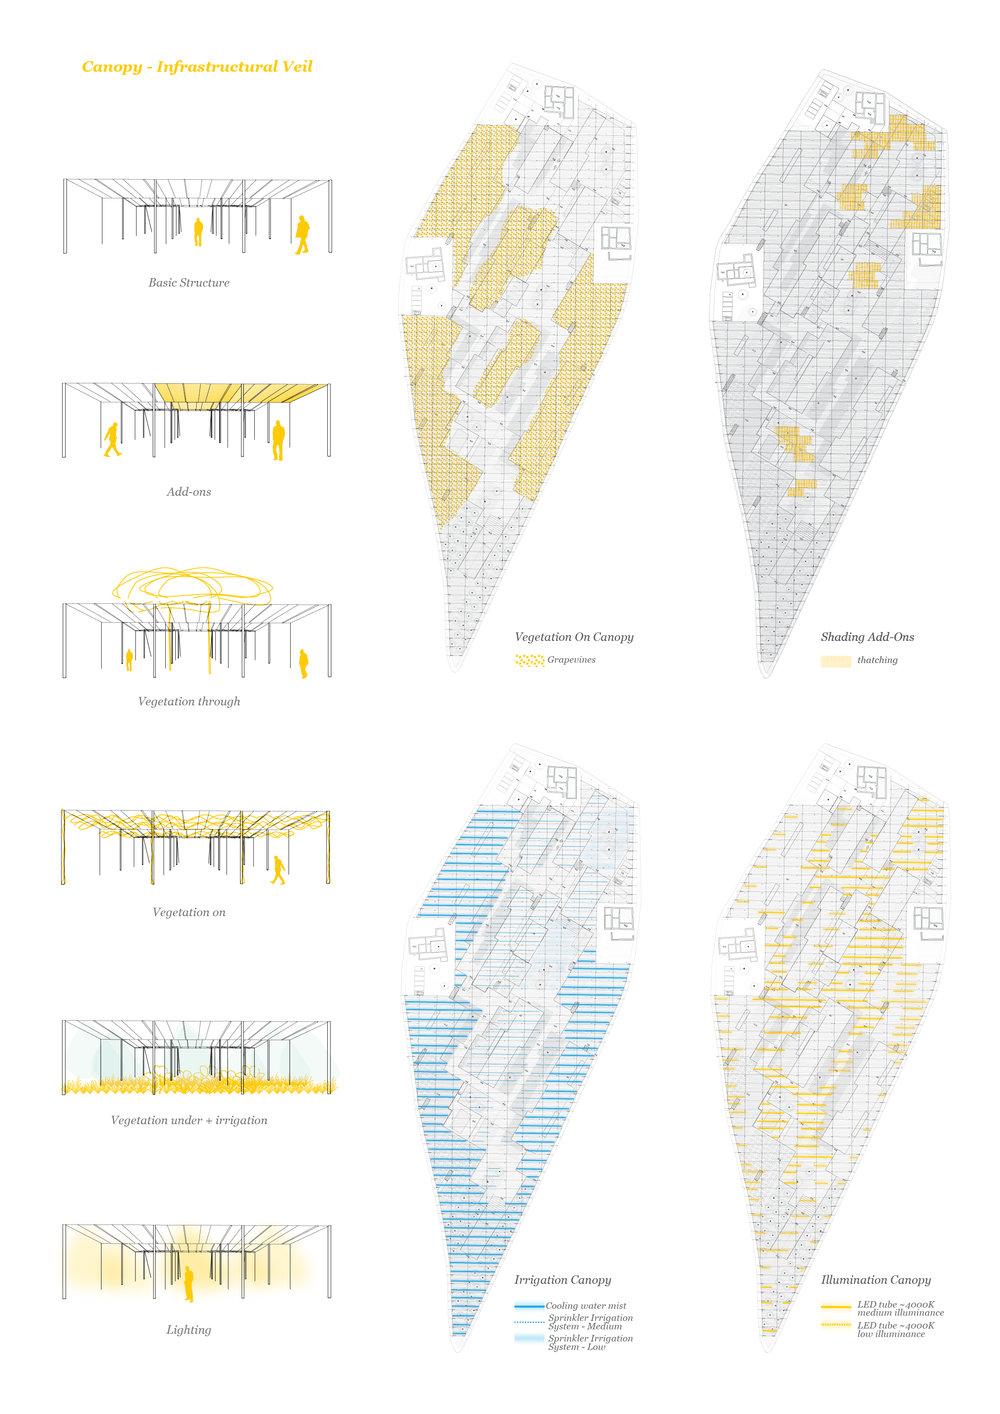 12_LL_Canopy-InfrastructuralVeil.jpg